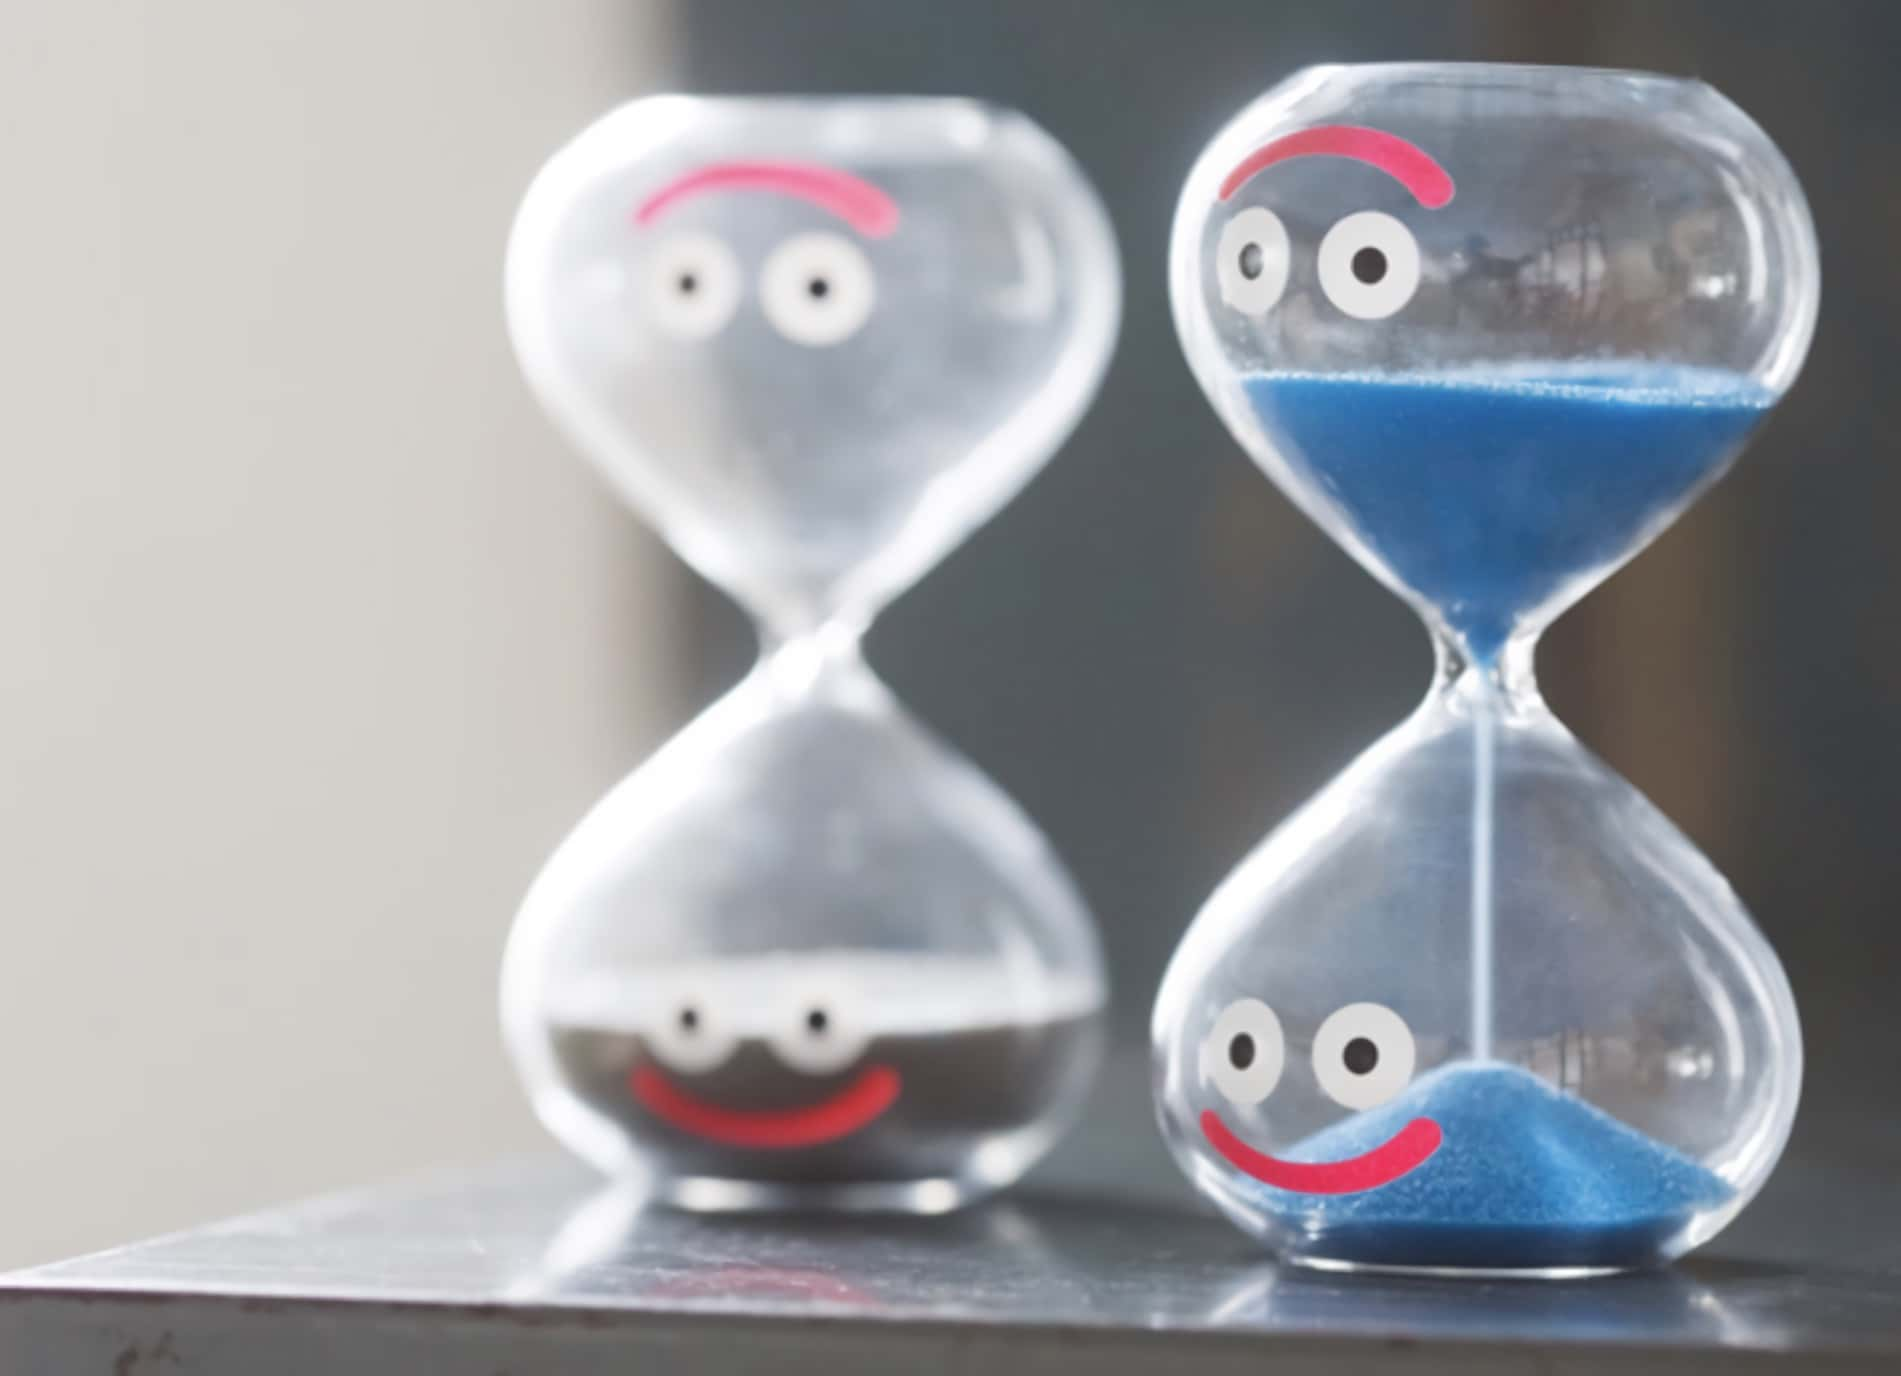 ドラクエグッズ:スライム砂時計